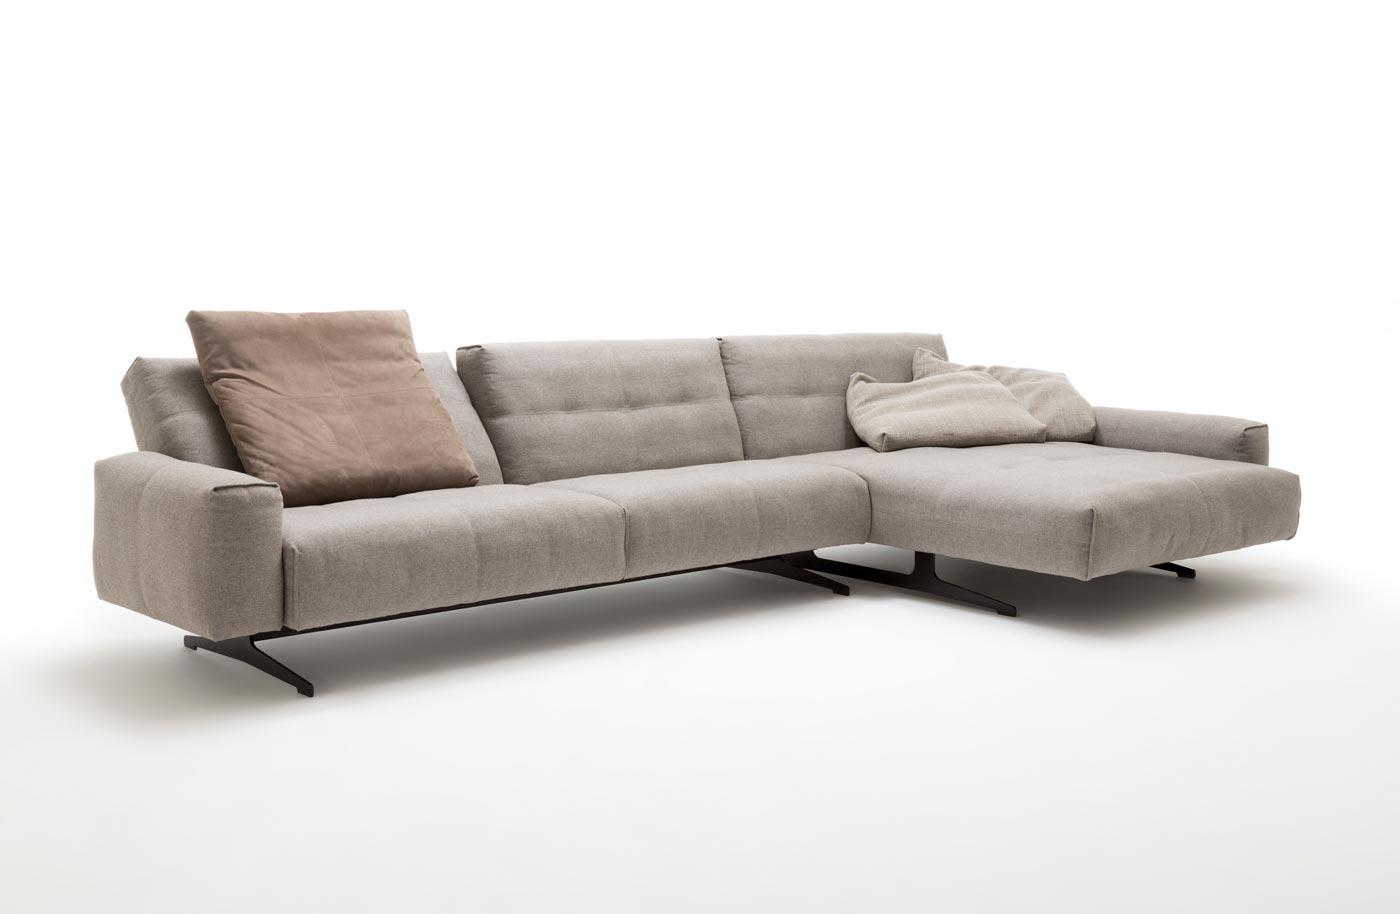 Astounding Benz Couch Foto Von Rolf 50 Rolf 50